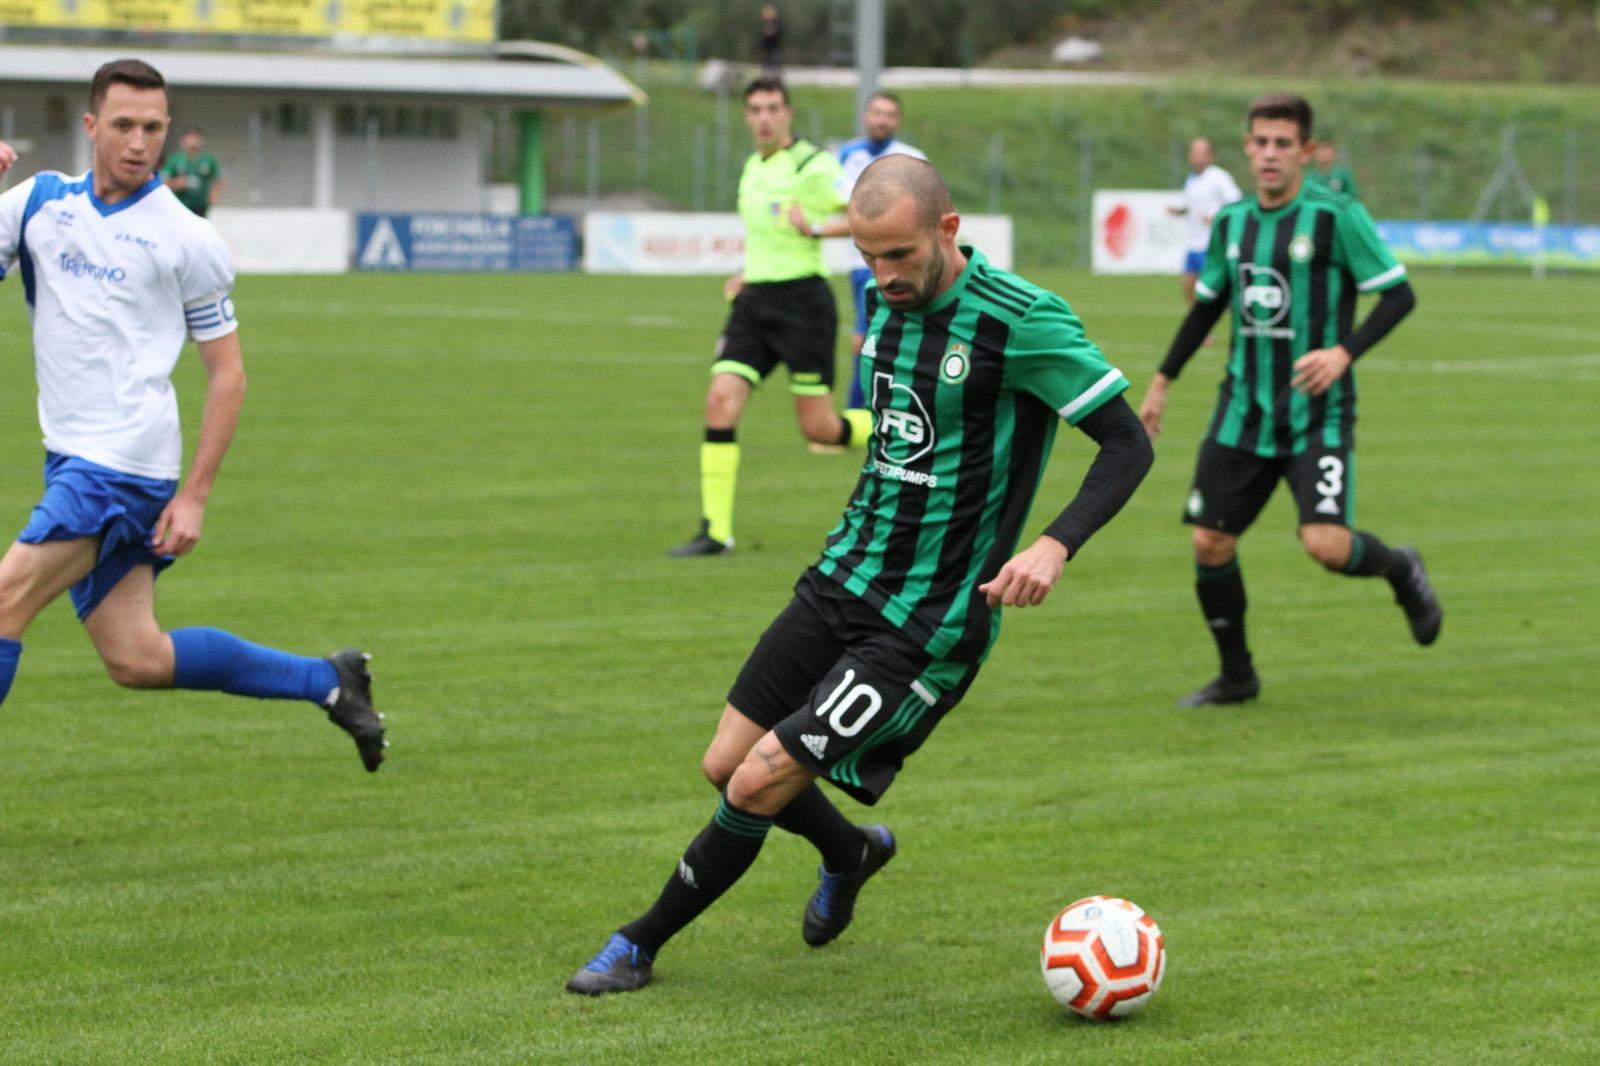 Castellanzese a Bolzano con un attaccante in più. Anche Legnano e Caronnese vanno in trasferta